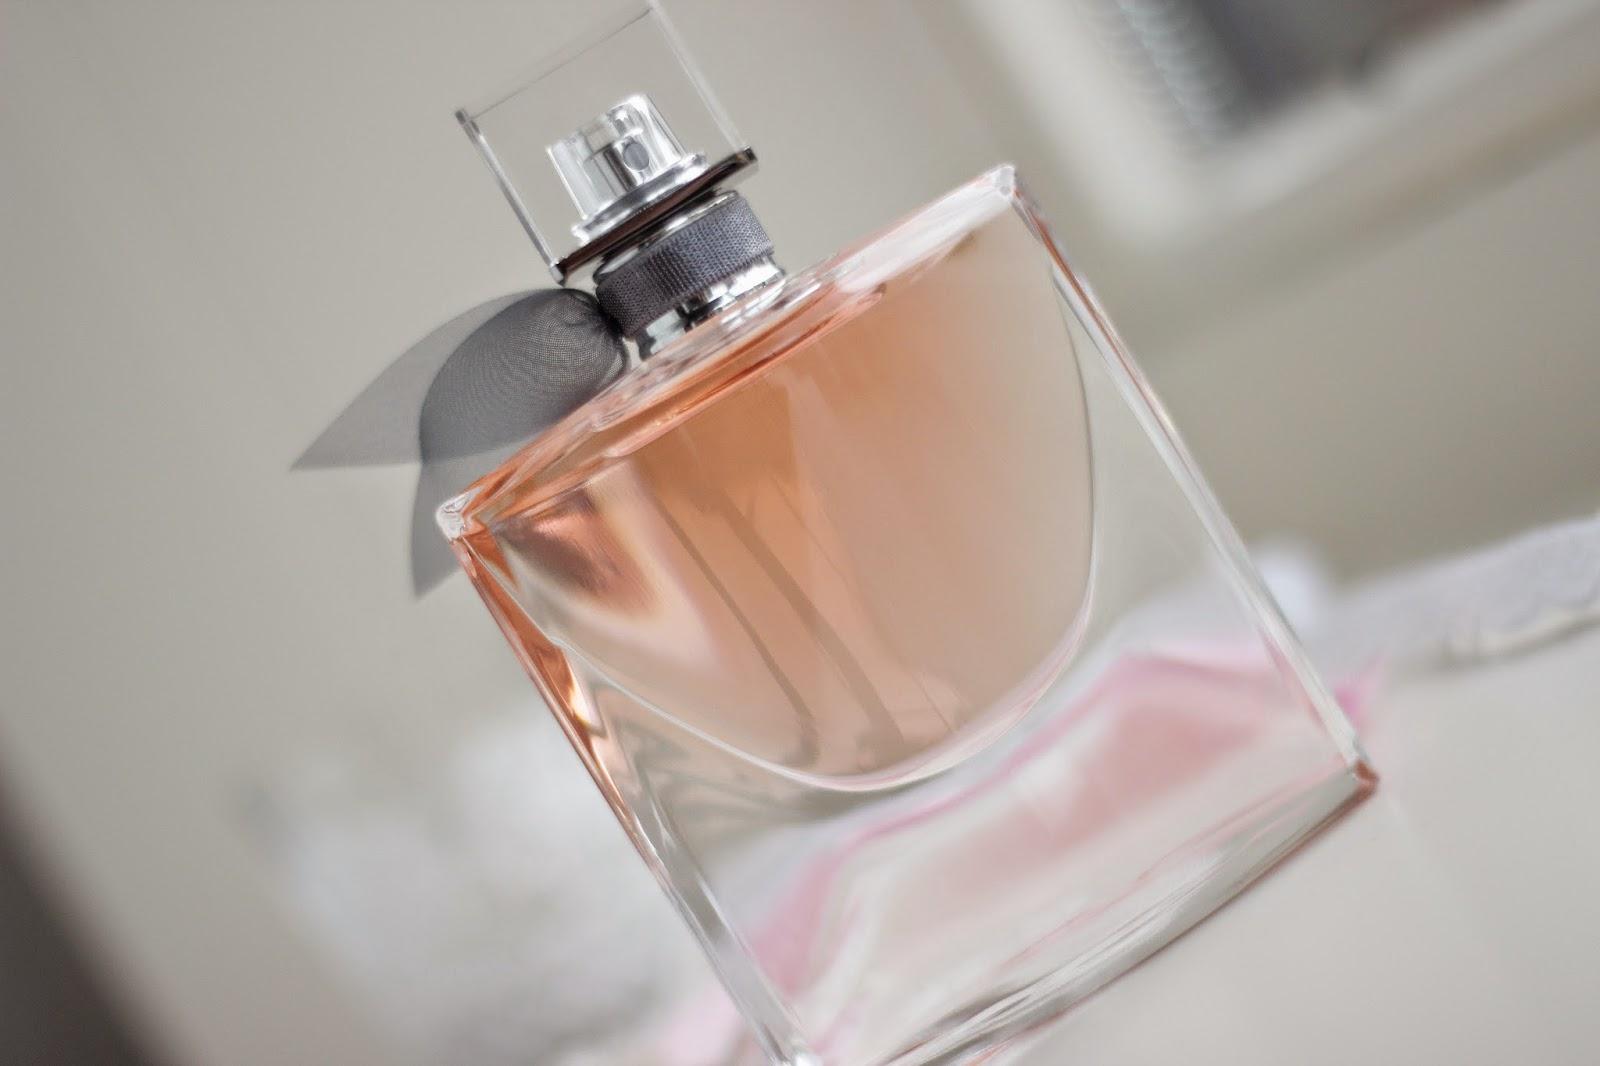 Lancôme la vie est belle eau de parfum review